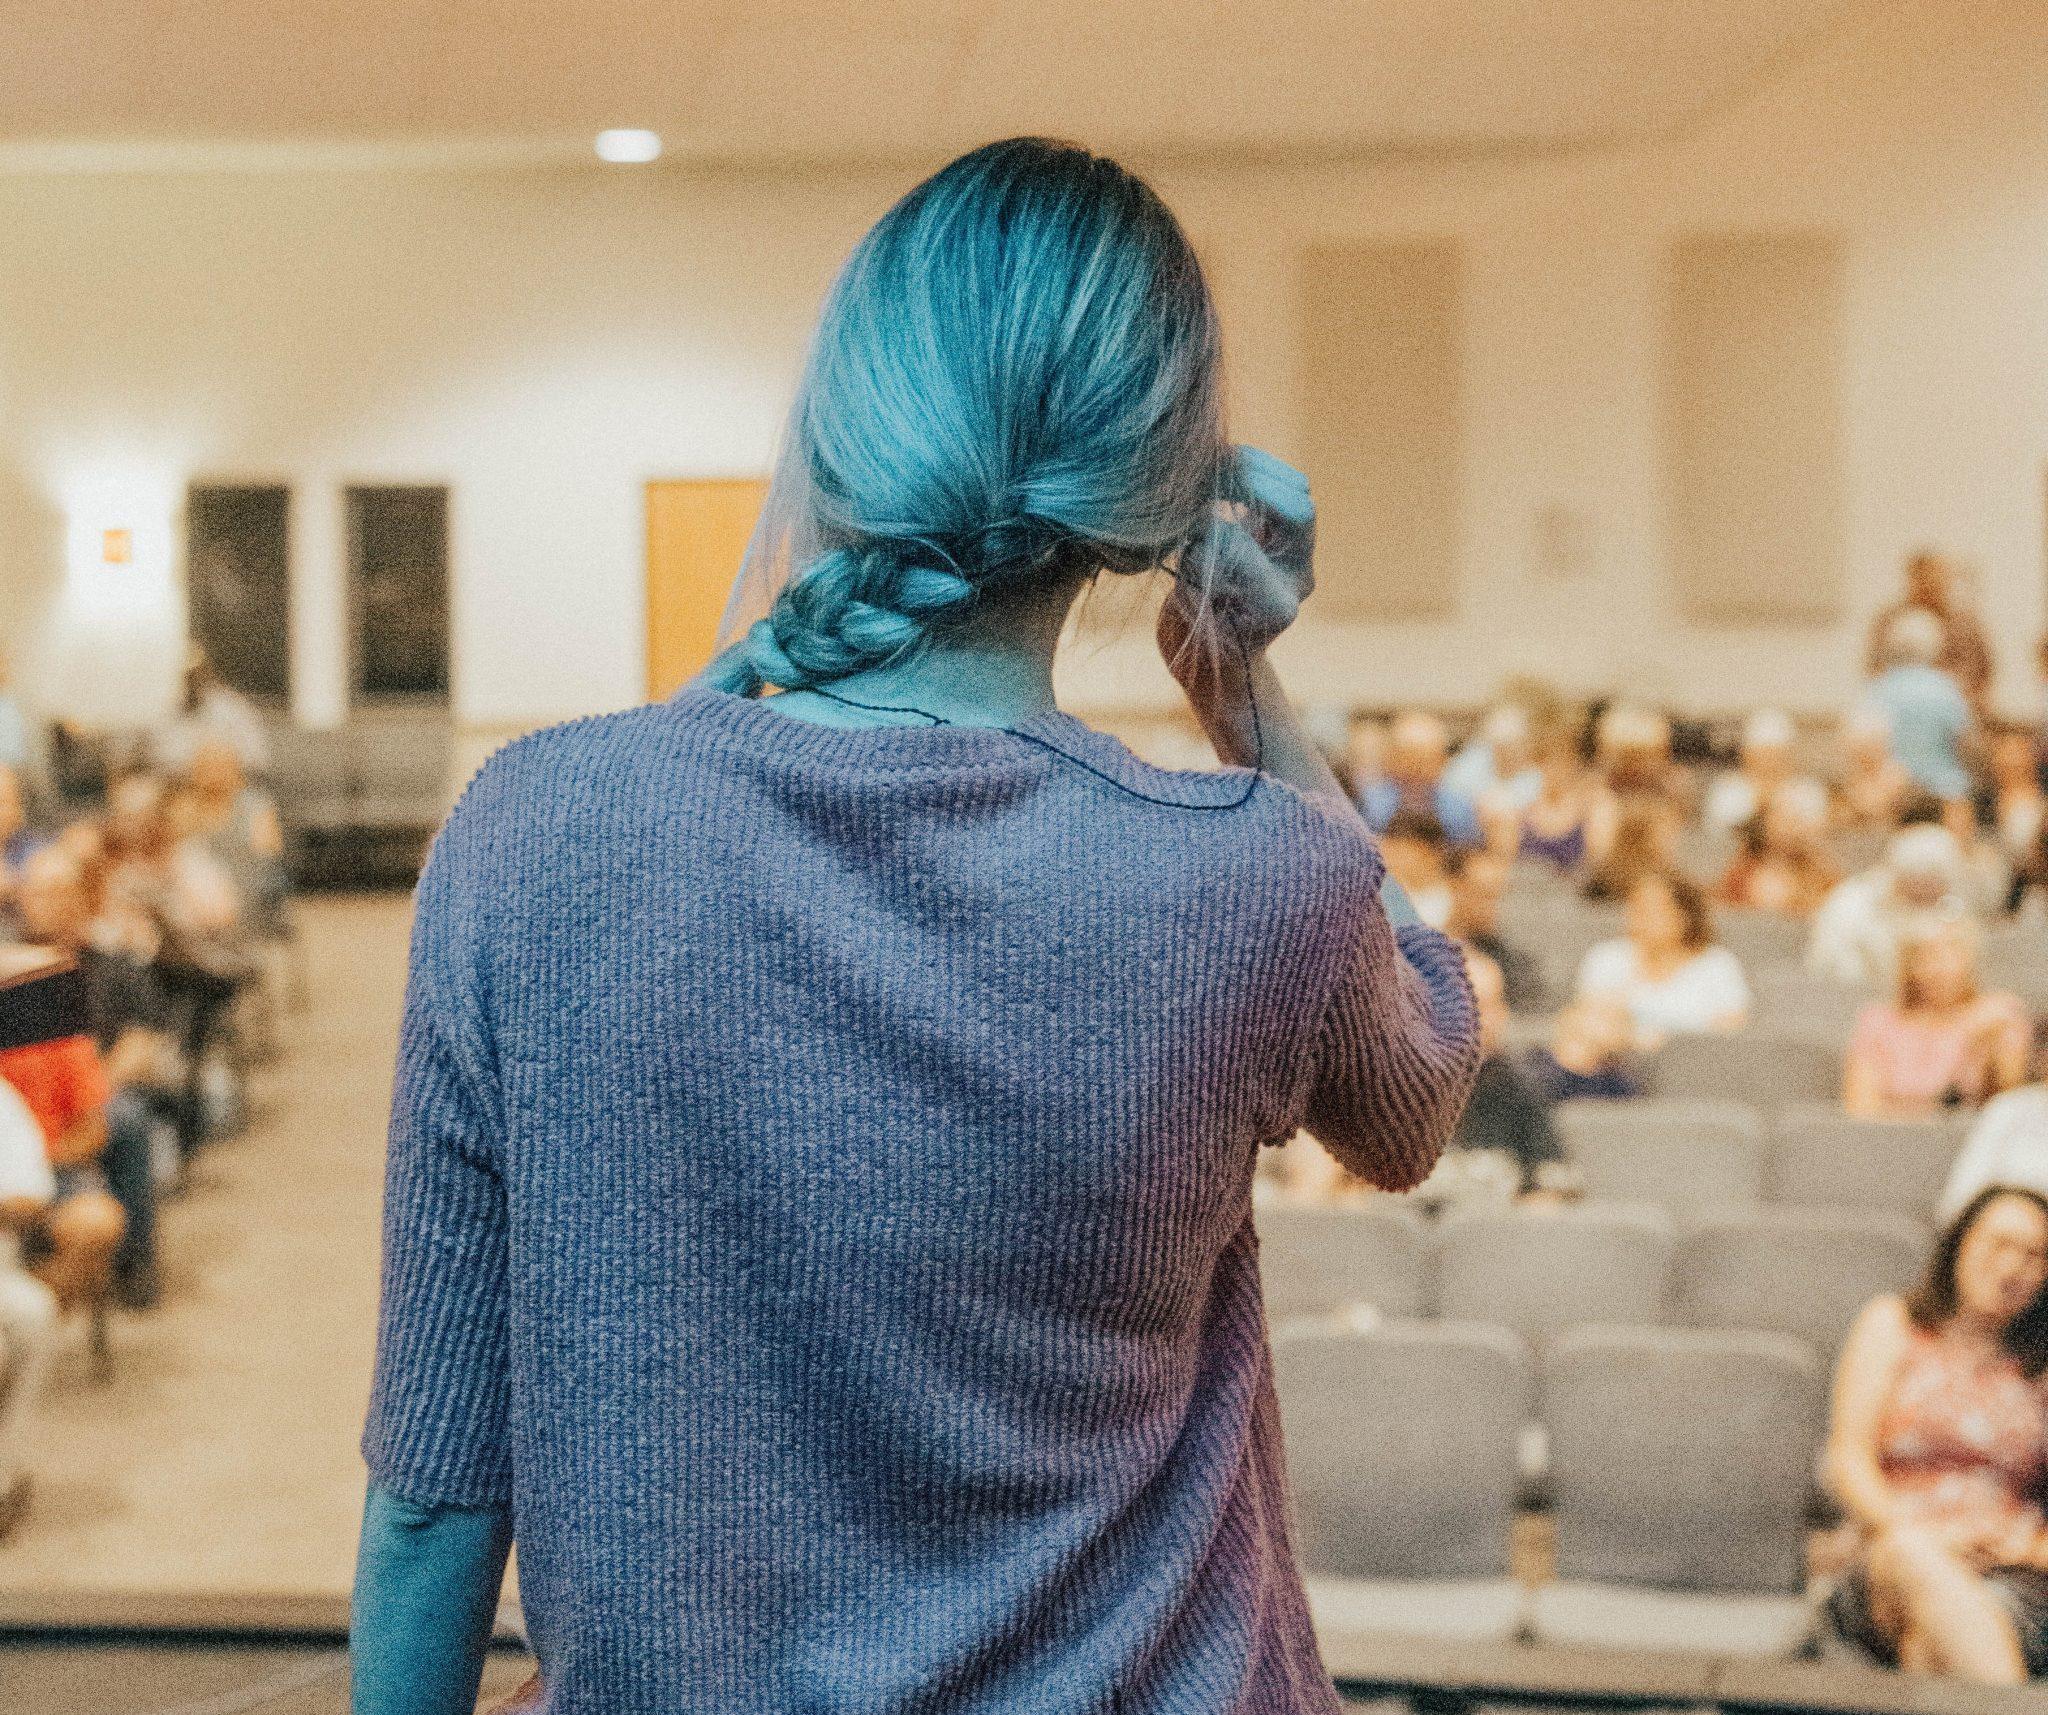 Nainen seisoo lavalla, selin kameraa kohti ja katsoo kohti yleisöä.